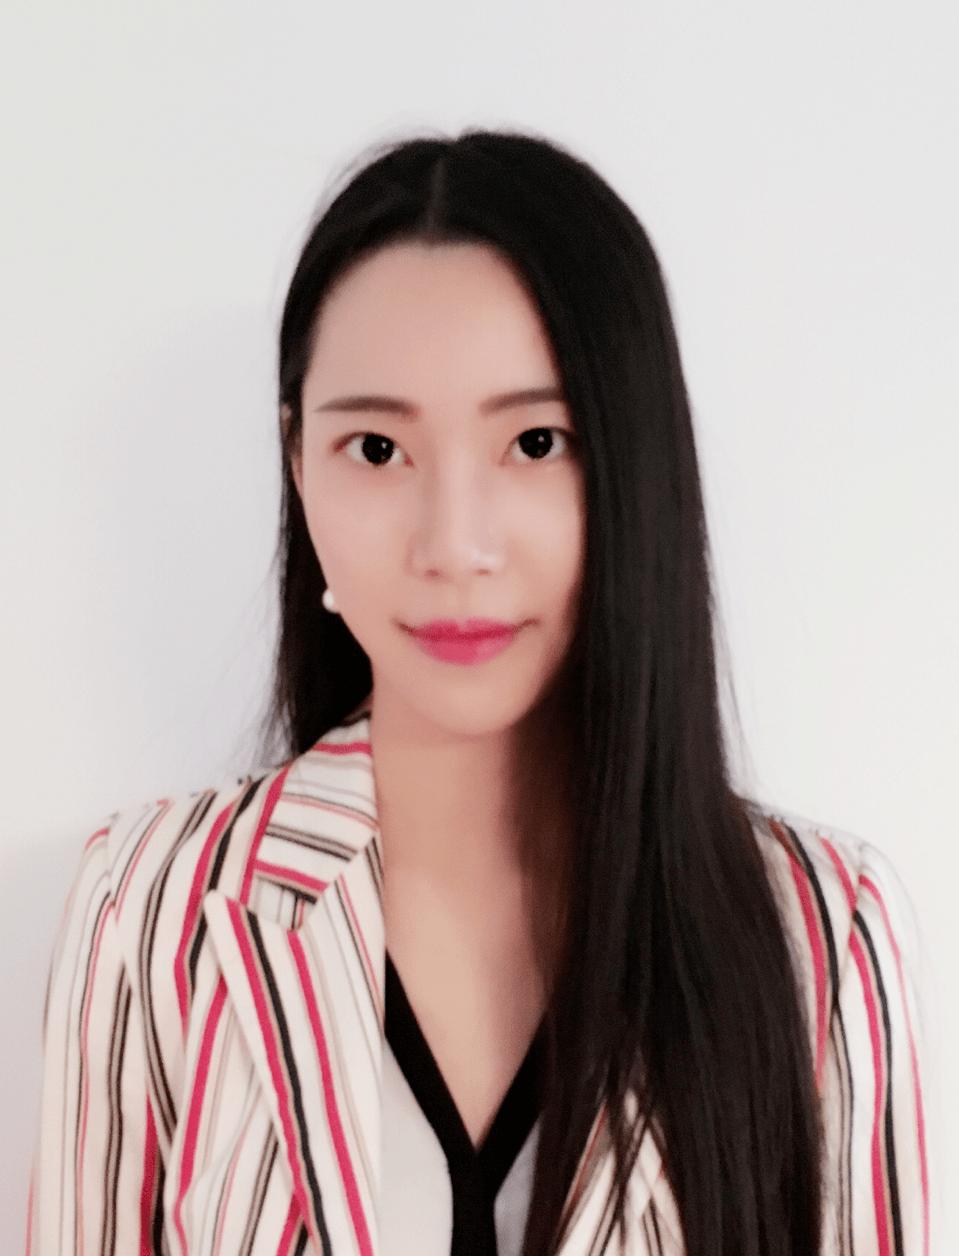 Yue Xu